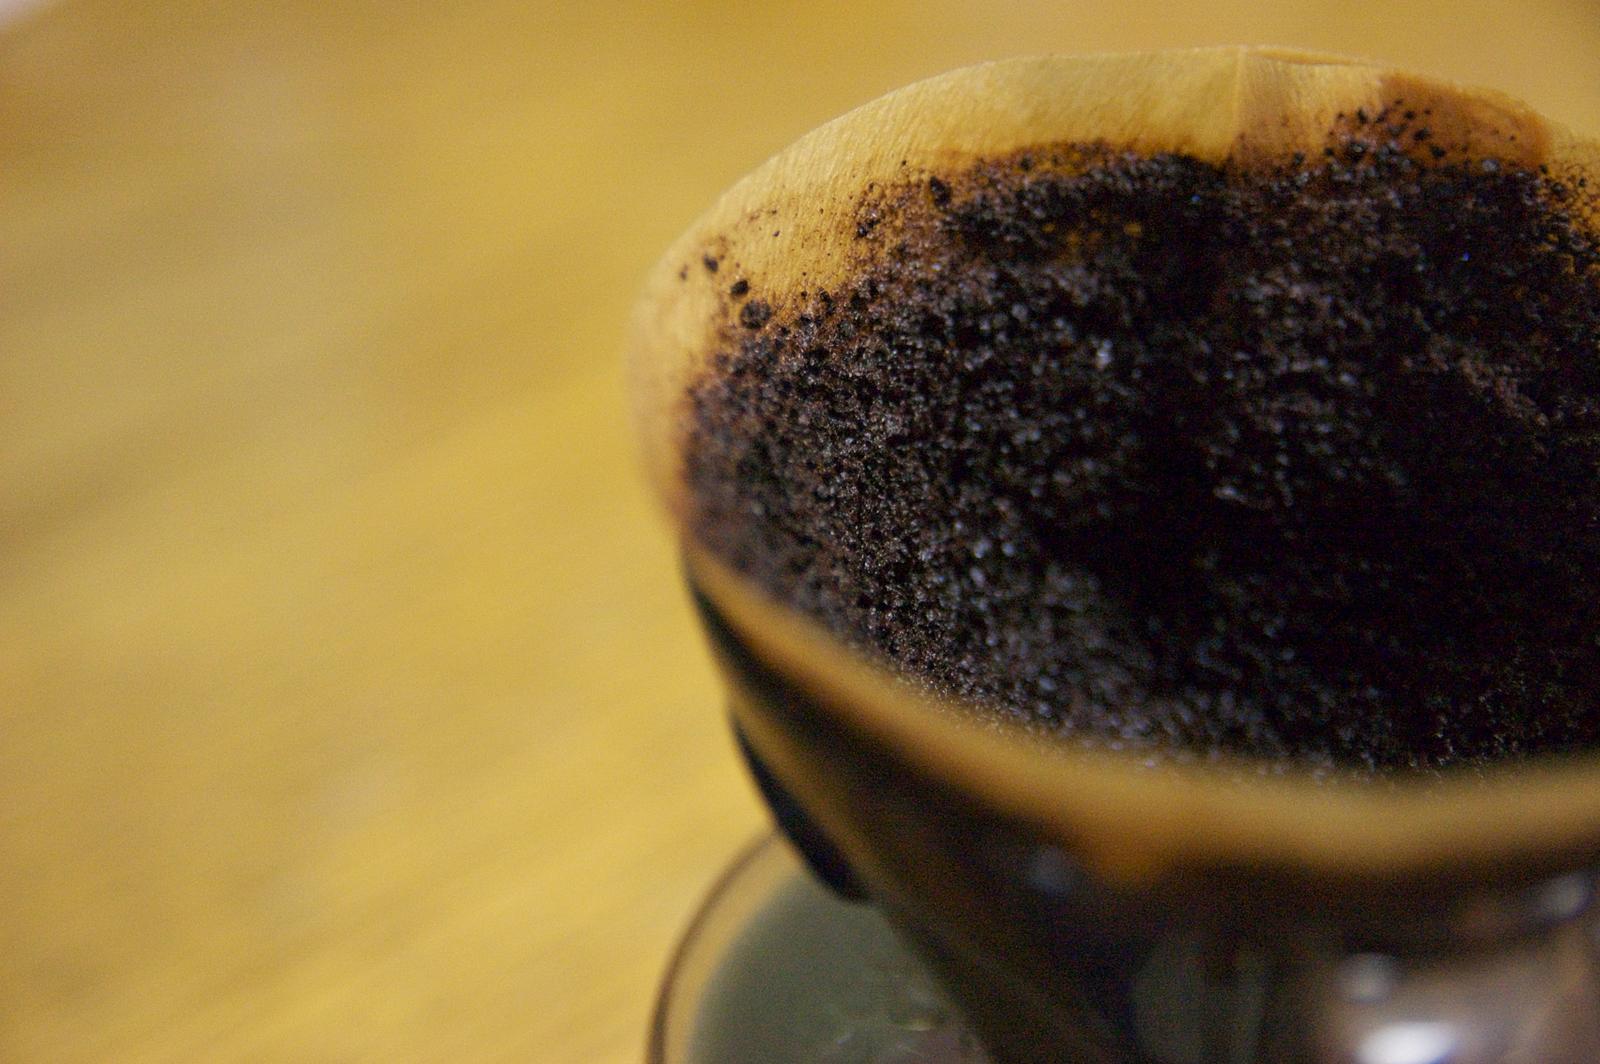 美味しいコーヒーの淹れ方・注ぎ方